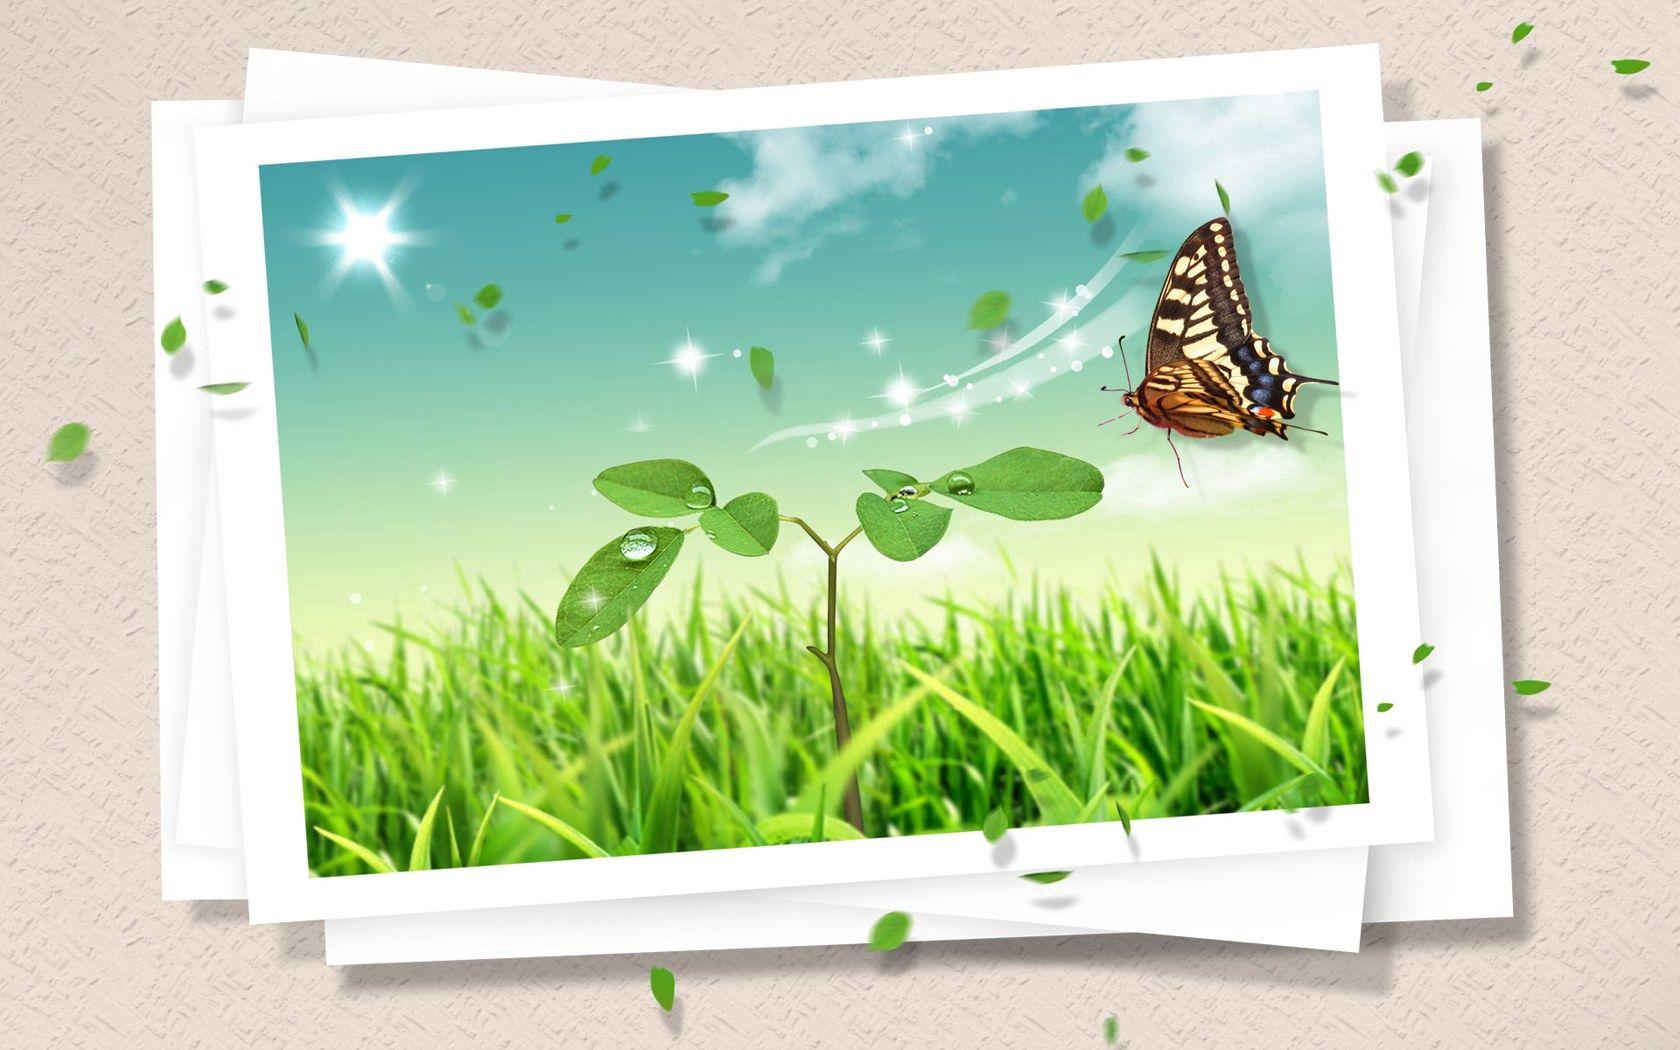 1680x1050 Обои фотокарточка, бабочка, клипарт